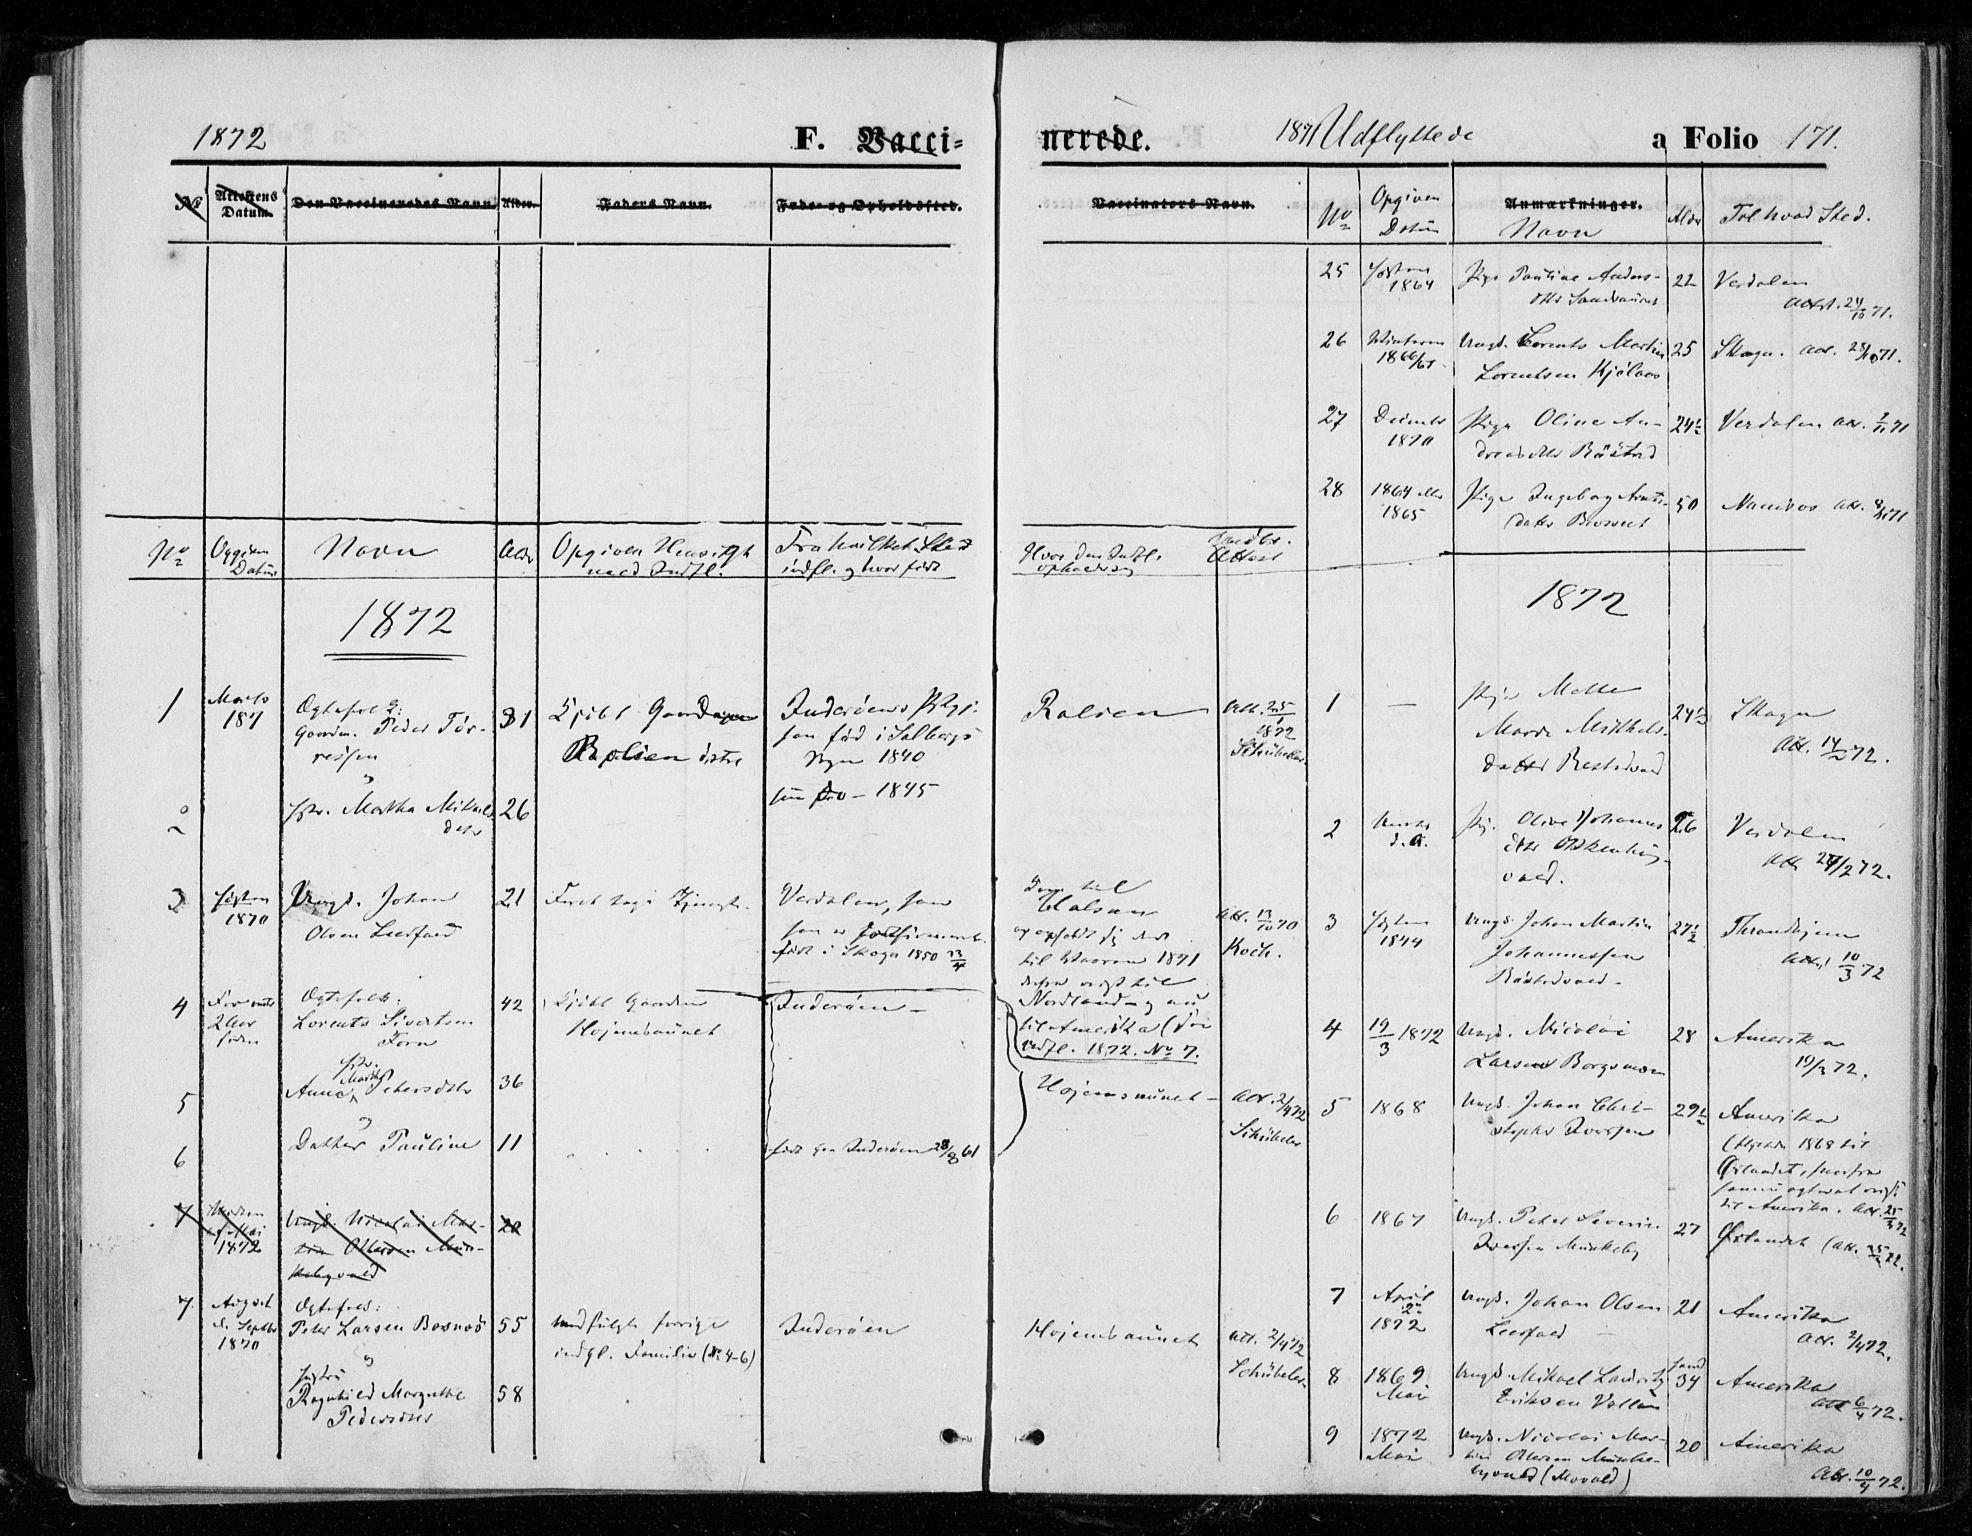 SAT, Ministerialprotokoller, klokkerbøker og fødselsregistre - Nord-Trøndelag, 721/L0206: Ministerialbok nr. 721A01, 1864-1874, s. 171